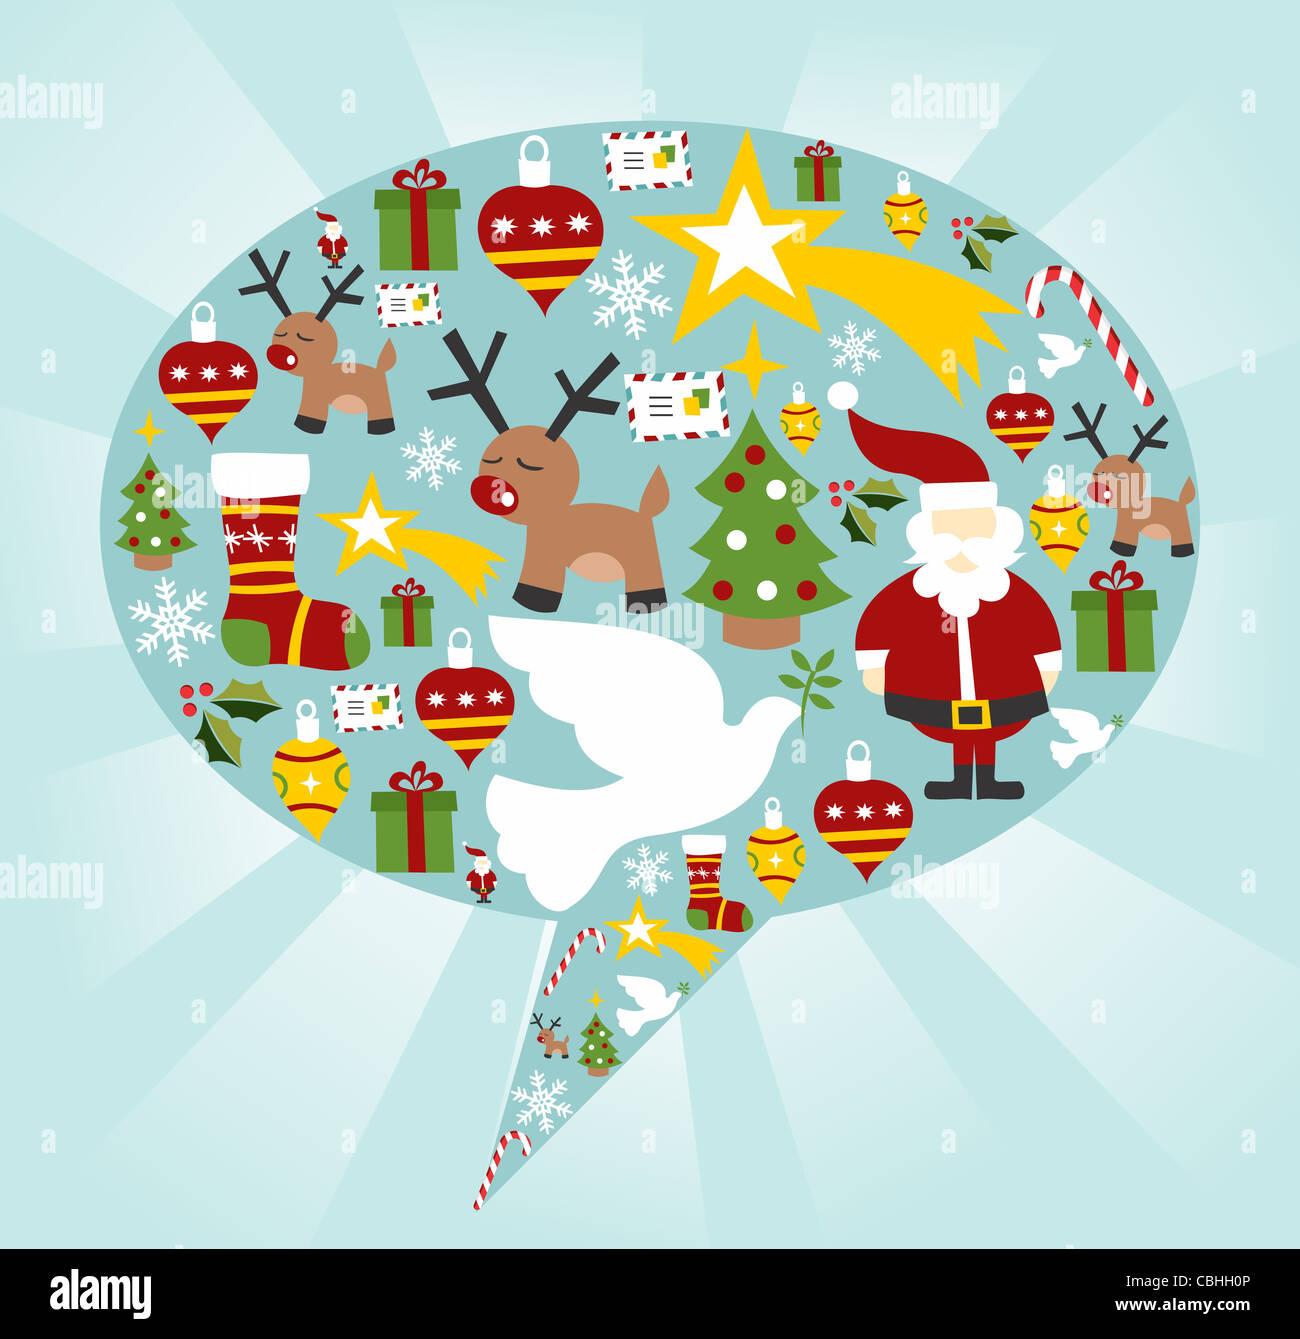 Conjunto de iconos de Navidad en forma de burbuja de voz de fondo. Archivo vectorial disponible. Imagen De Stock